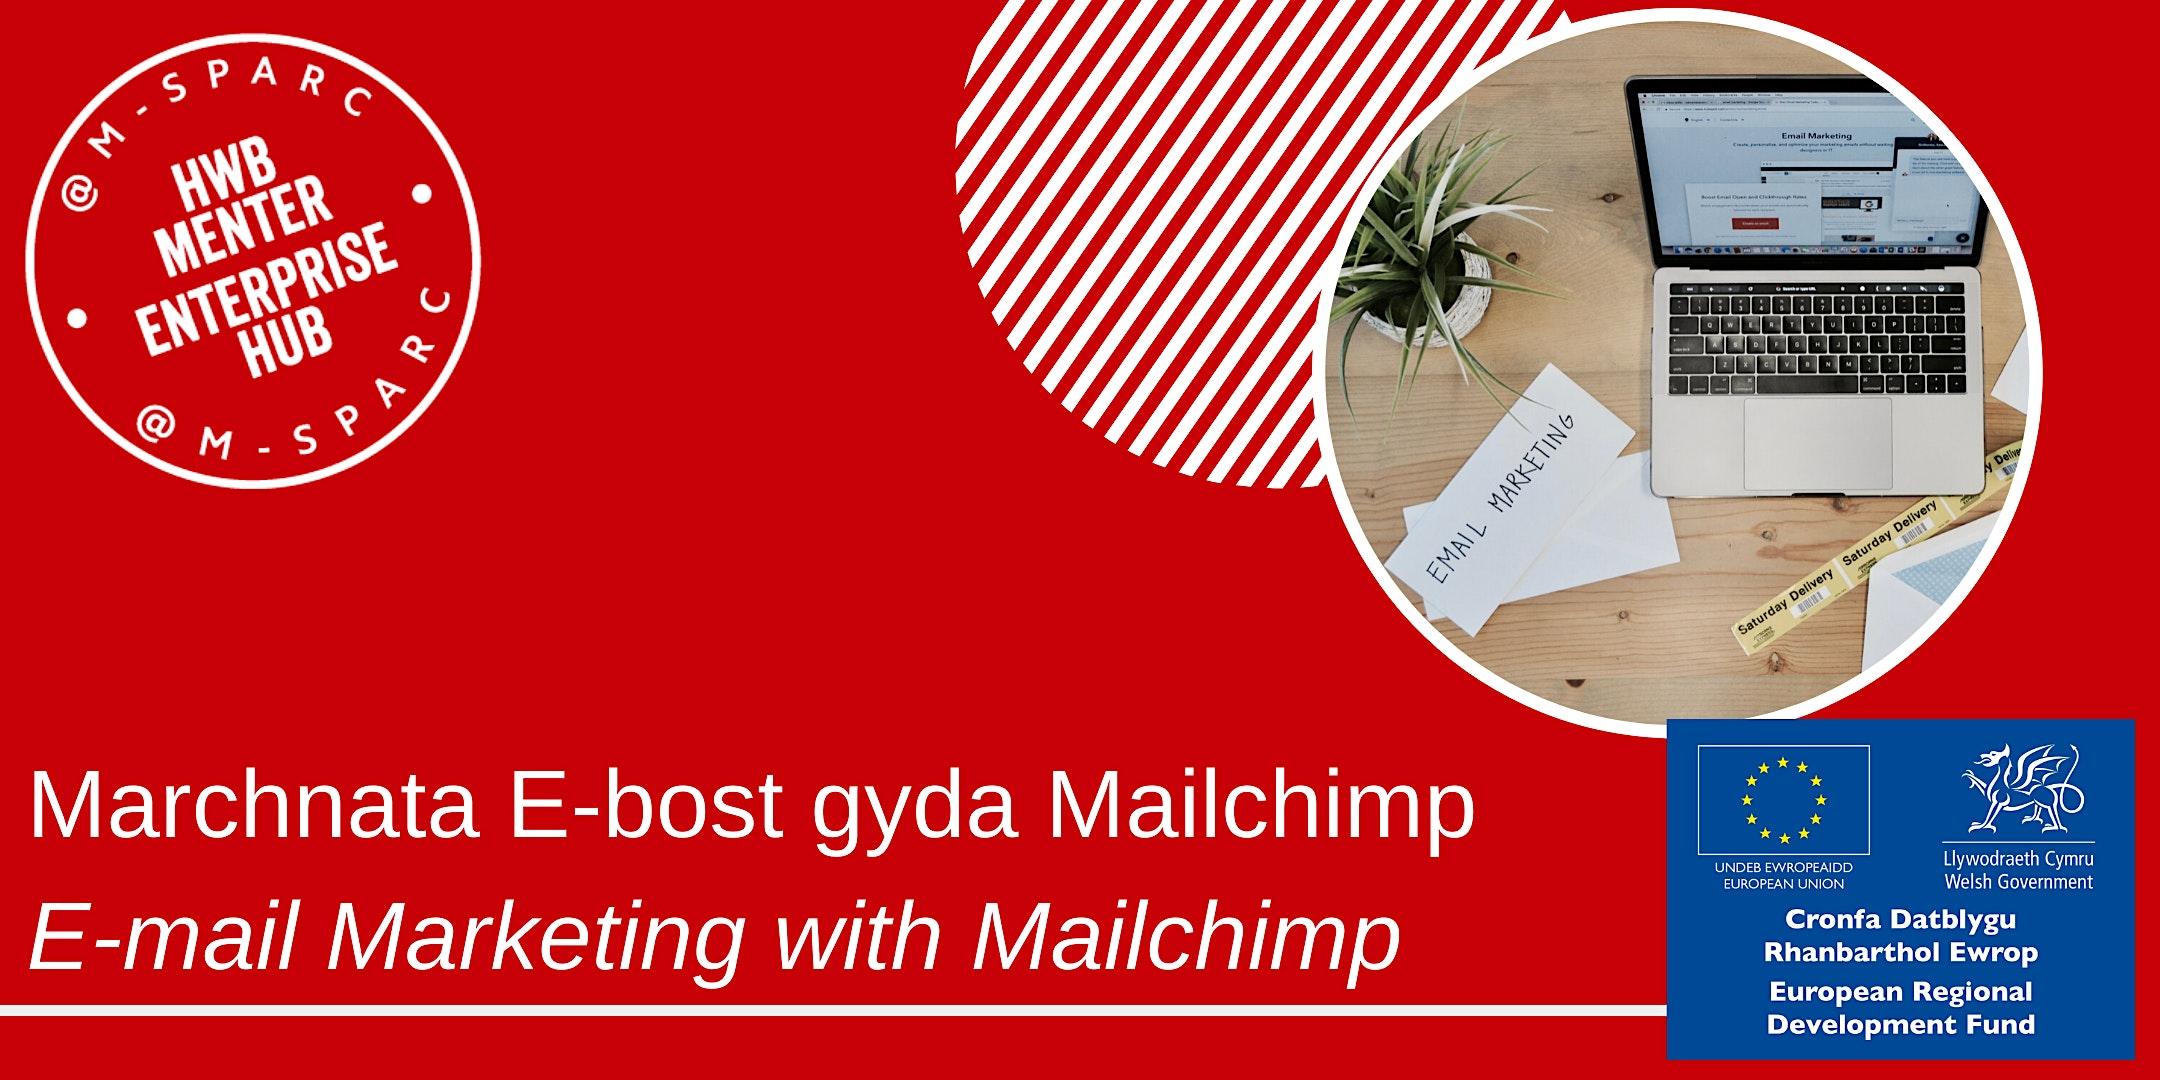 Covid-19: Marchnata E-bost gyda Mailchimp / E-mail Marketing with Mailchimp